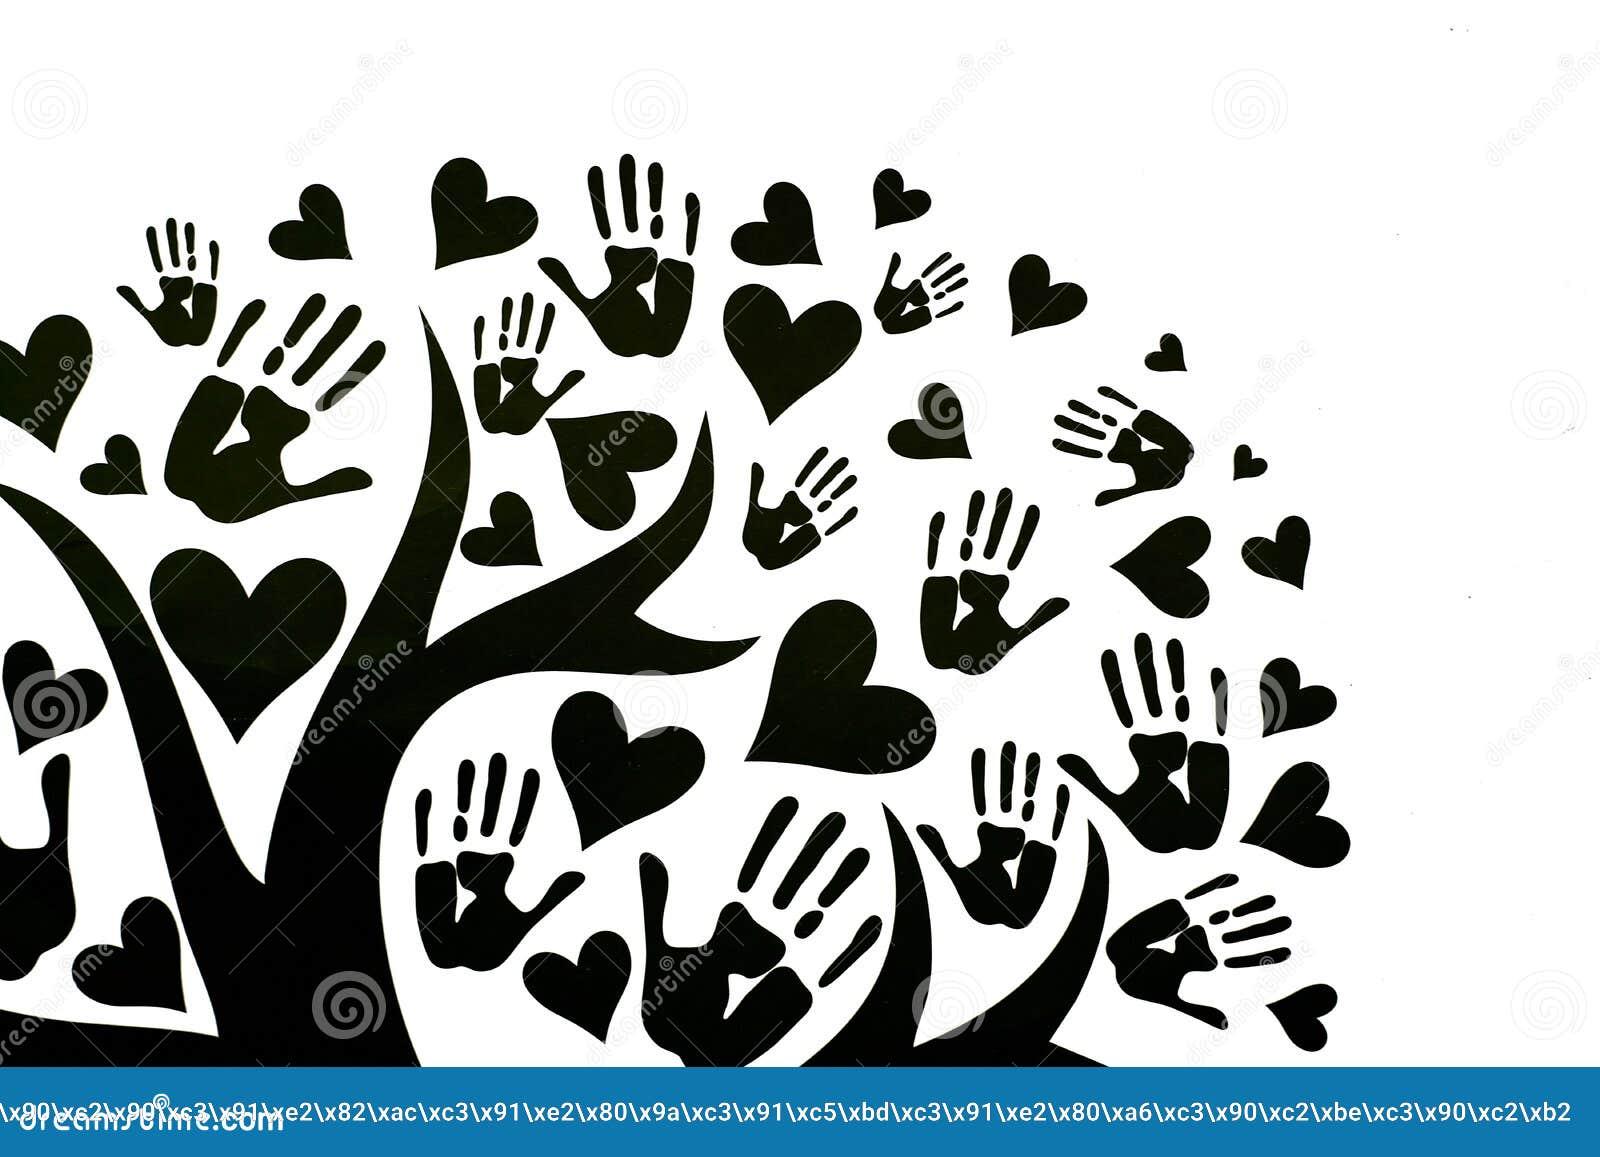 Het concept vrede, eenheid, vriendschap en liefde